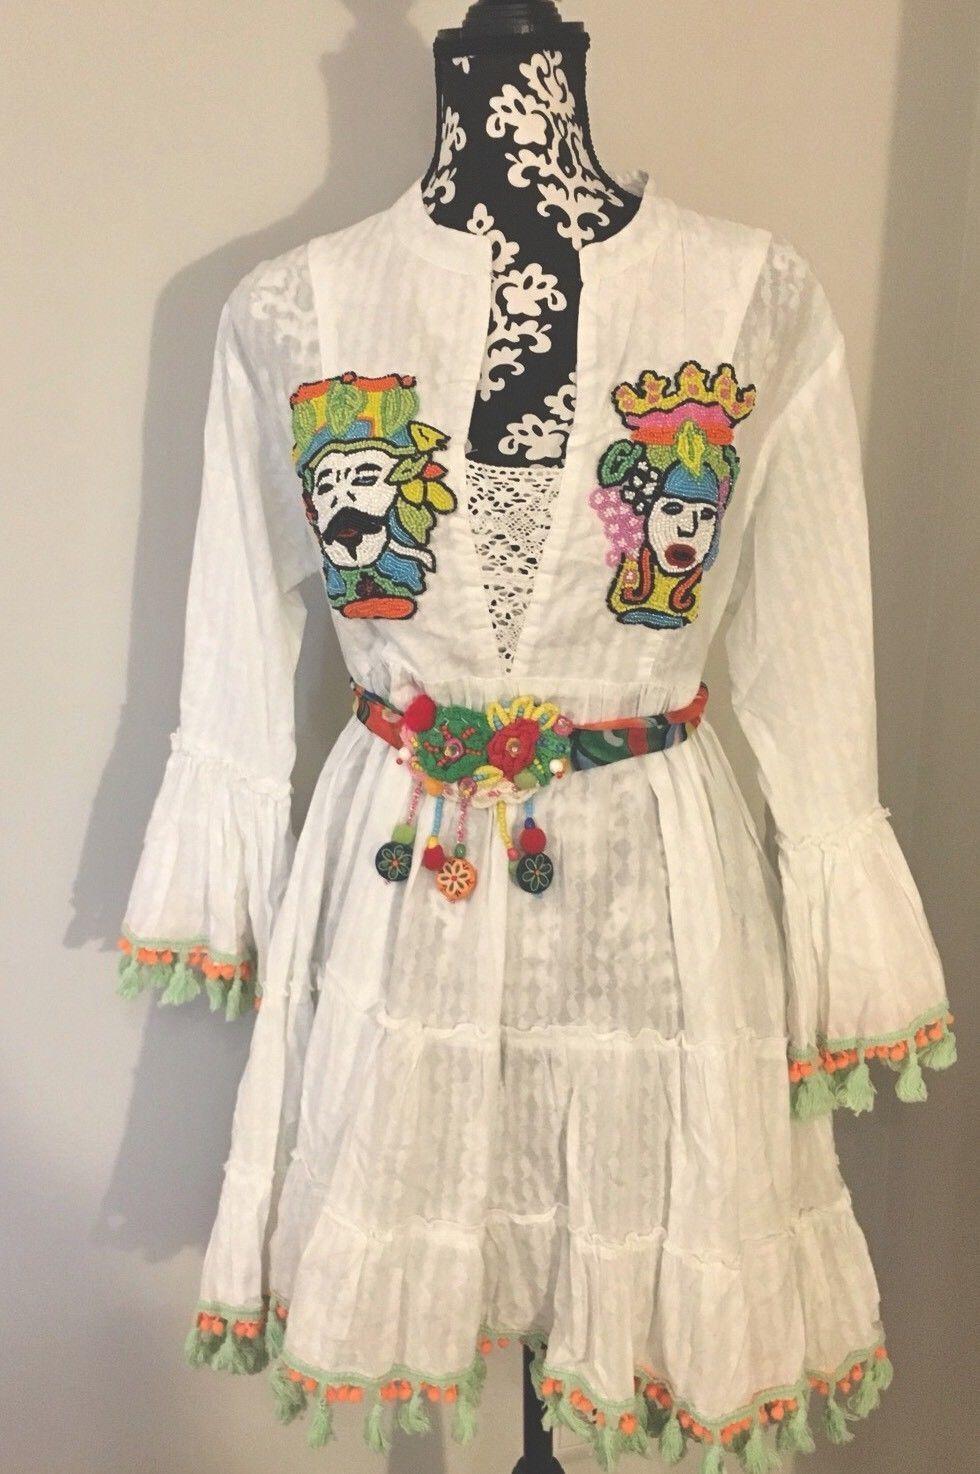 Antica Sartoria Positano Vestito in cotone ricamato Robe Dress Vestido